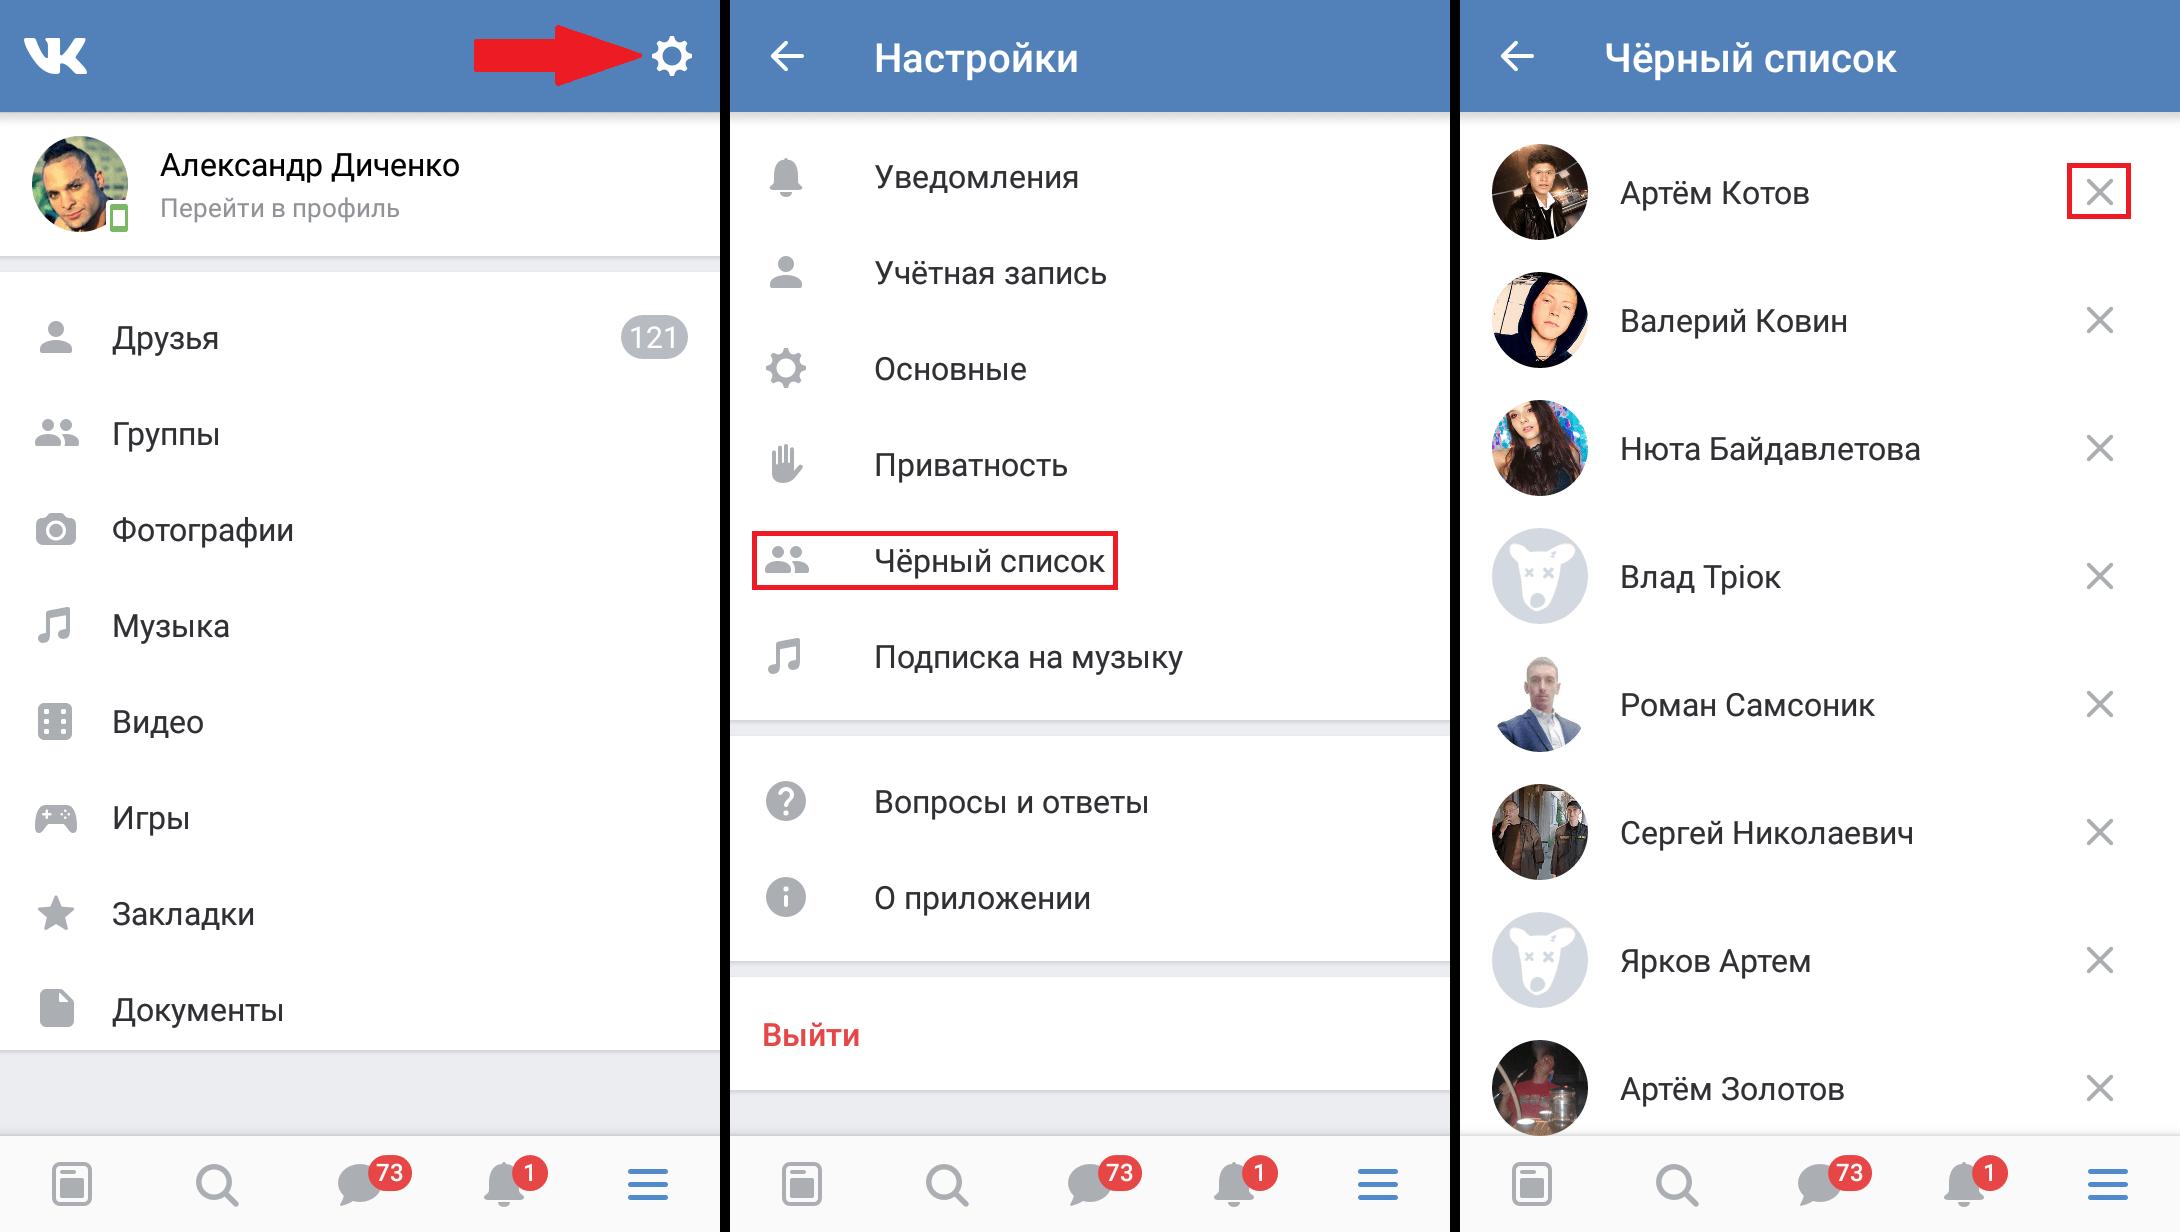 Как перевести друга в подписчики если в контактах убрать друга 34